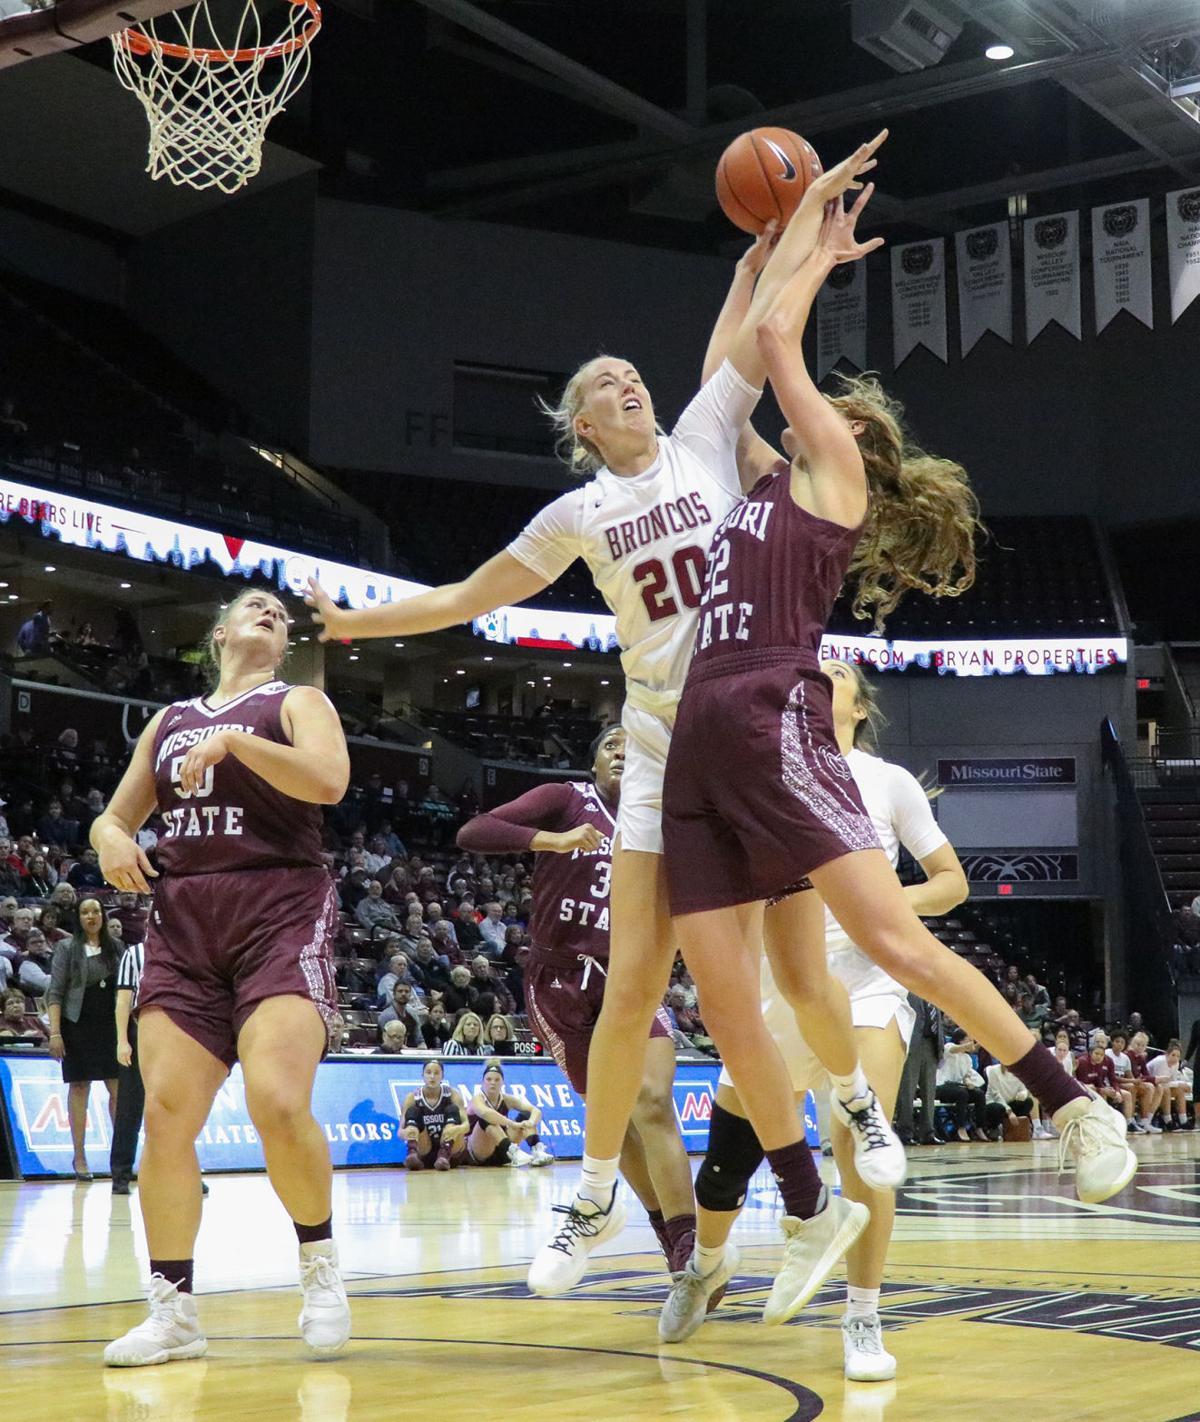 Alexa Willard leaps to throw the ball